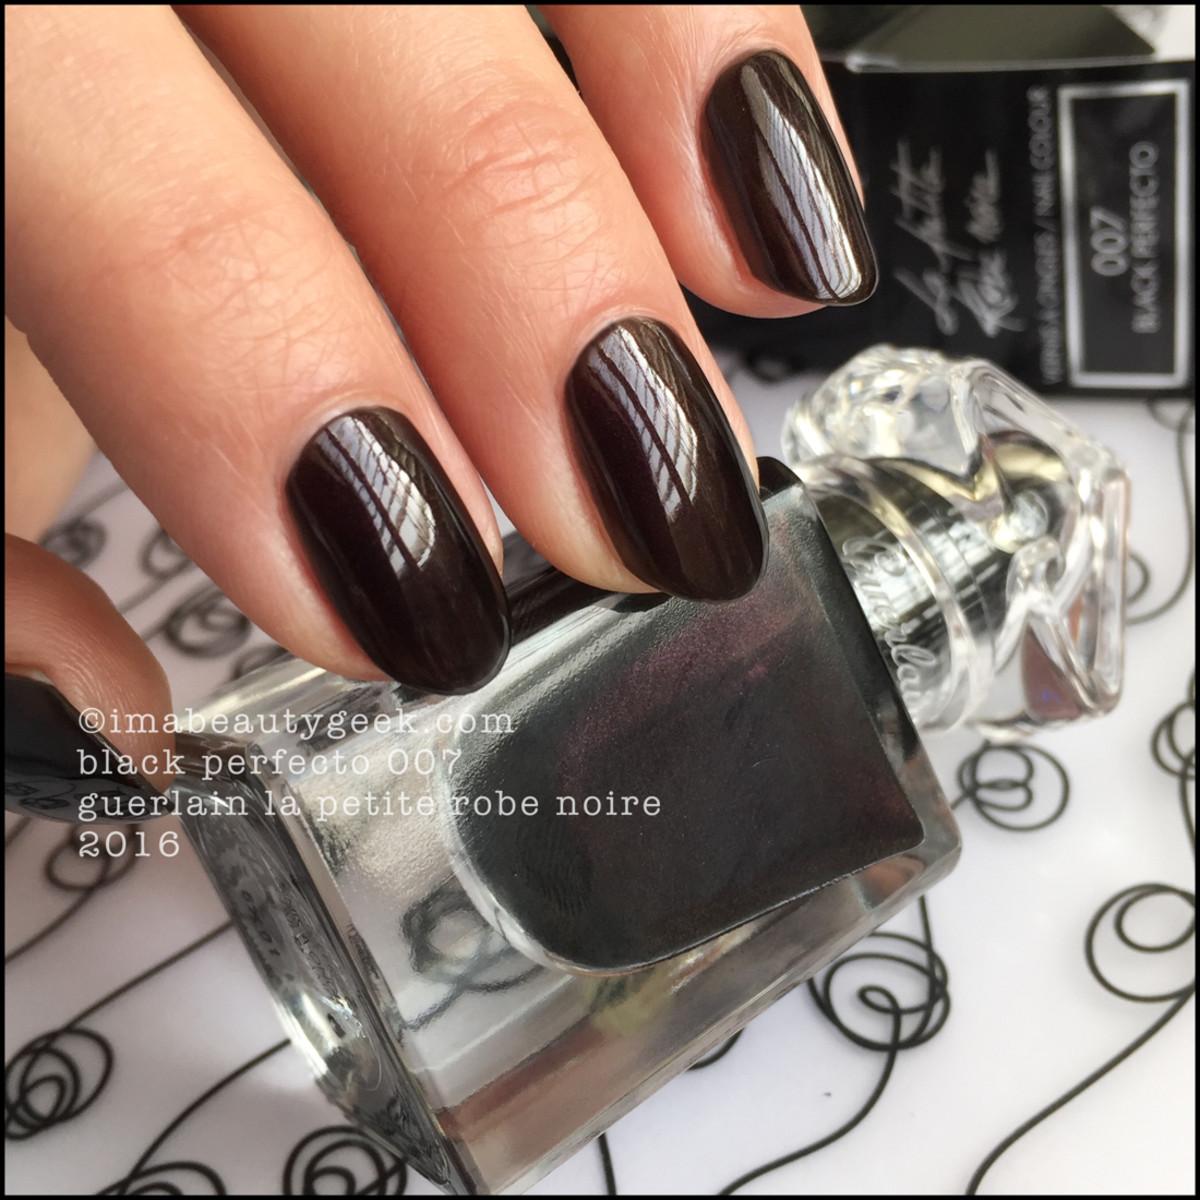 Guerlain Black Perfecto 007_Guerlain La Petite Robe Noire 2016